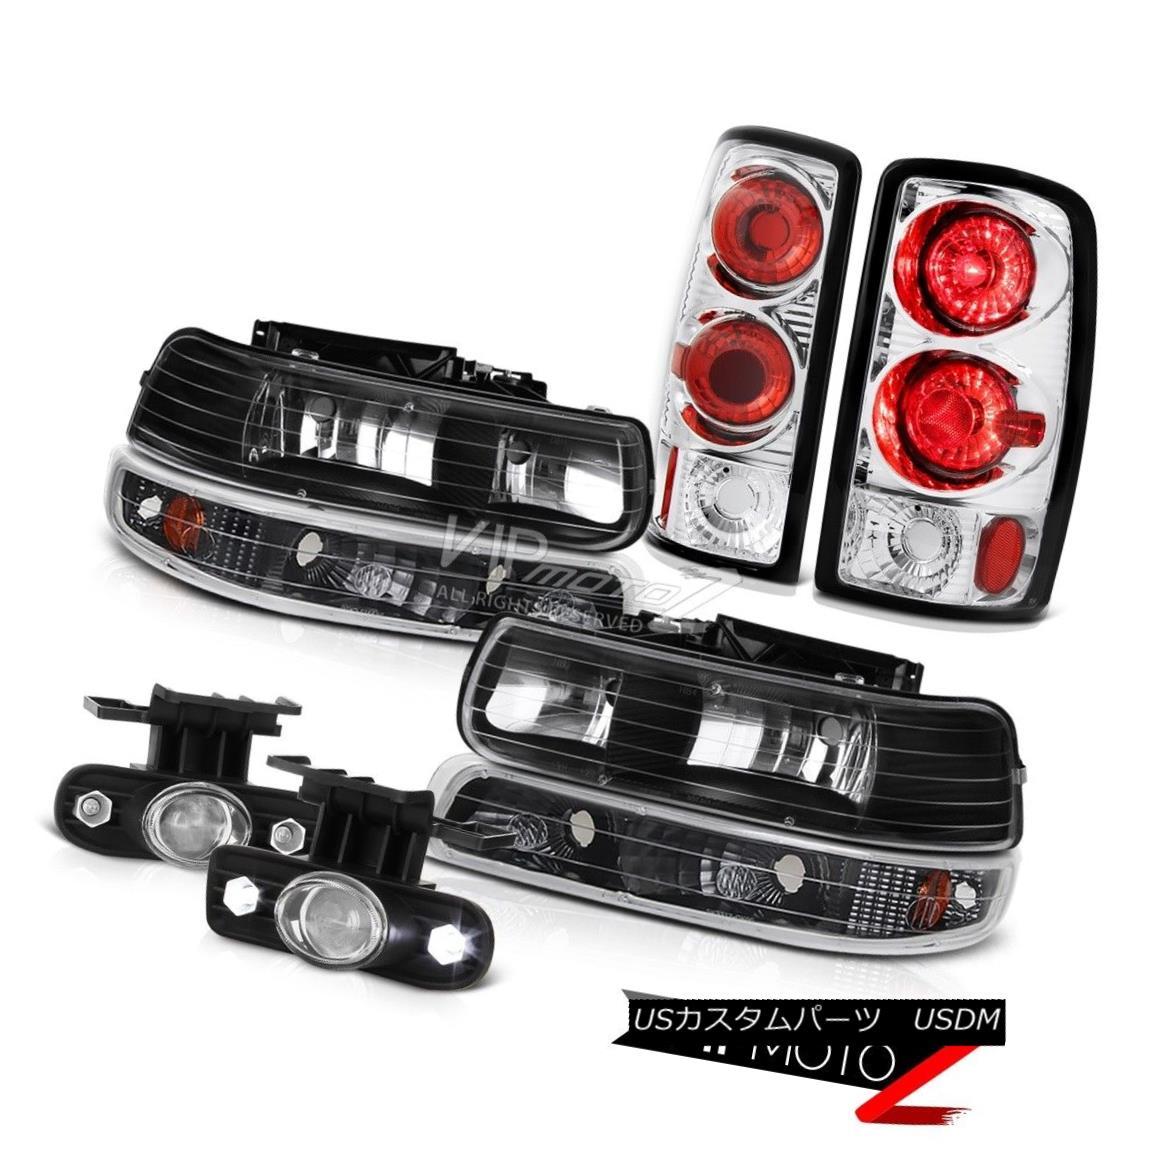 ヘッドライト 00 01 02 03 04 05 06 Suburban Headlamp Turn Signal Rear Taillights Projector Fog 00 01 02 03 04 05 06郊外ヘッドランプターンシグナルリアターンライトプロジェクターフォグ